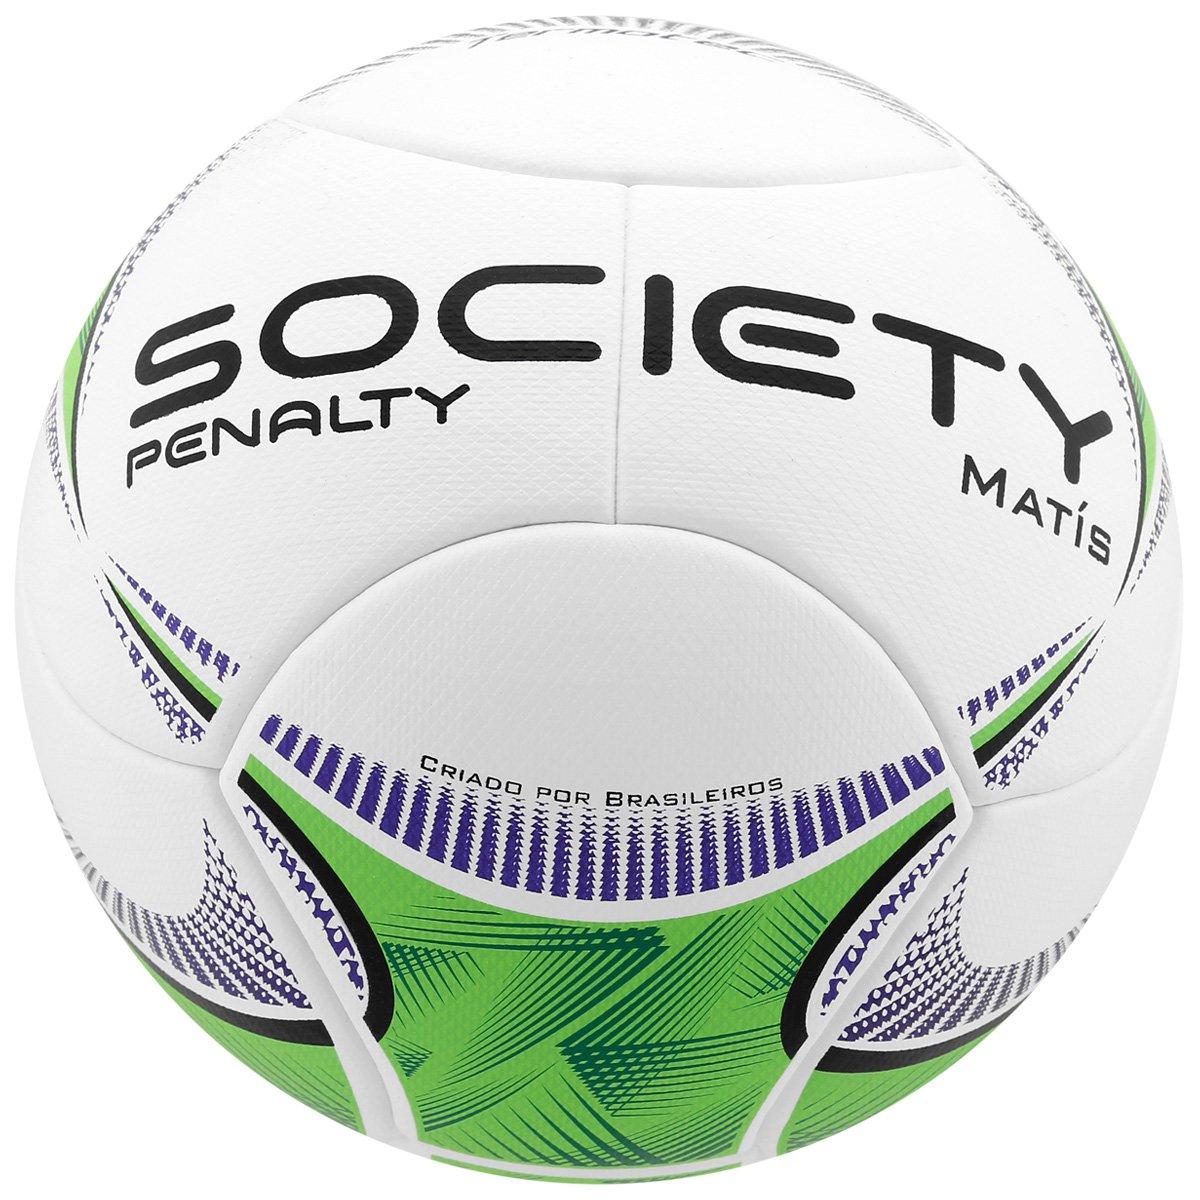 2b66e296072b6 Bola Penalty Matis 5 Society - Compre Agora